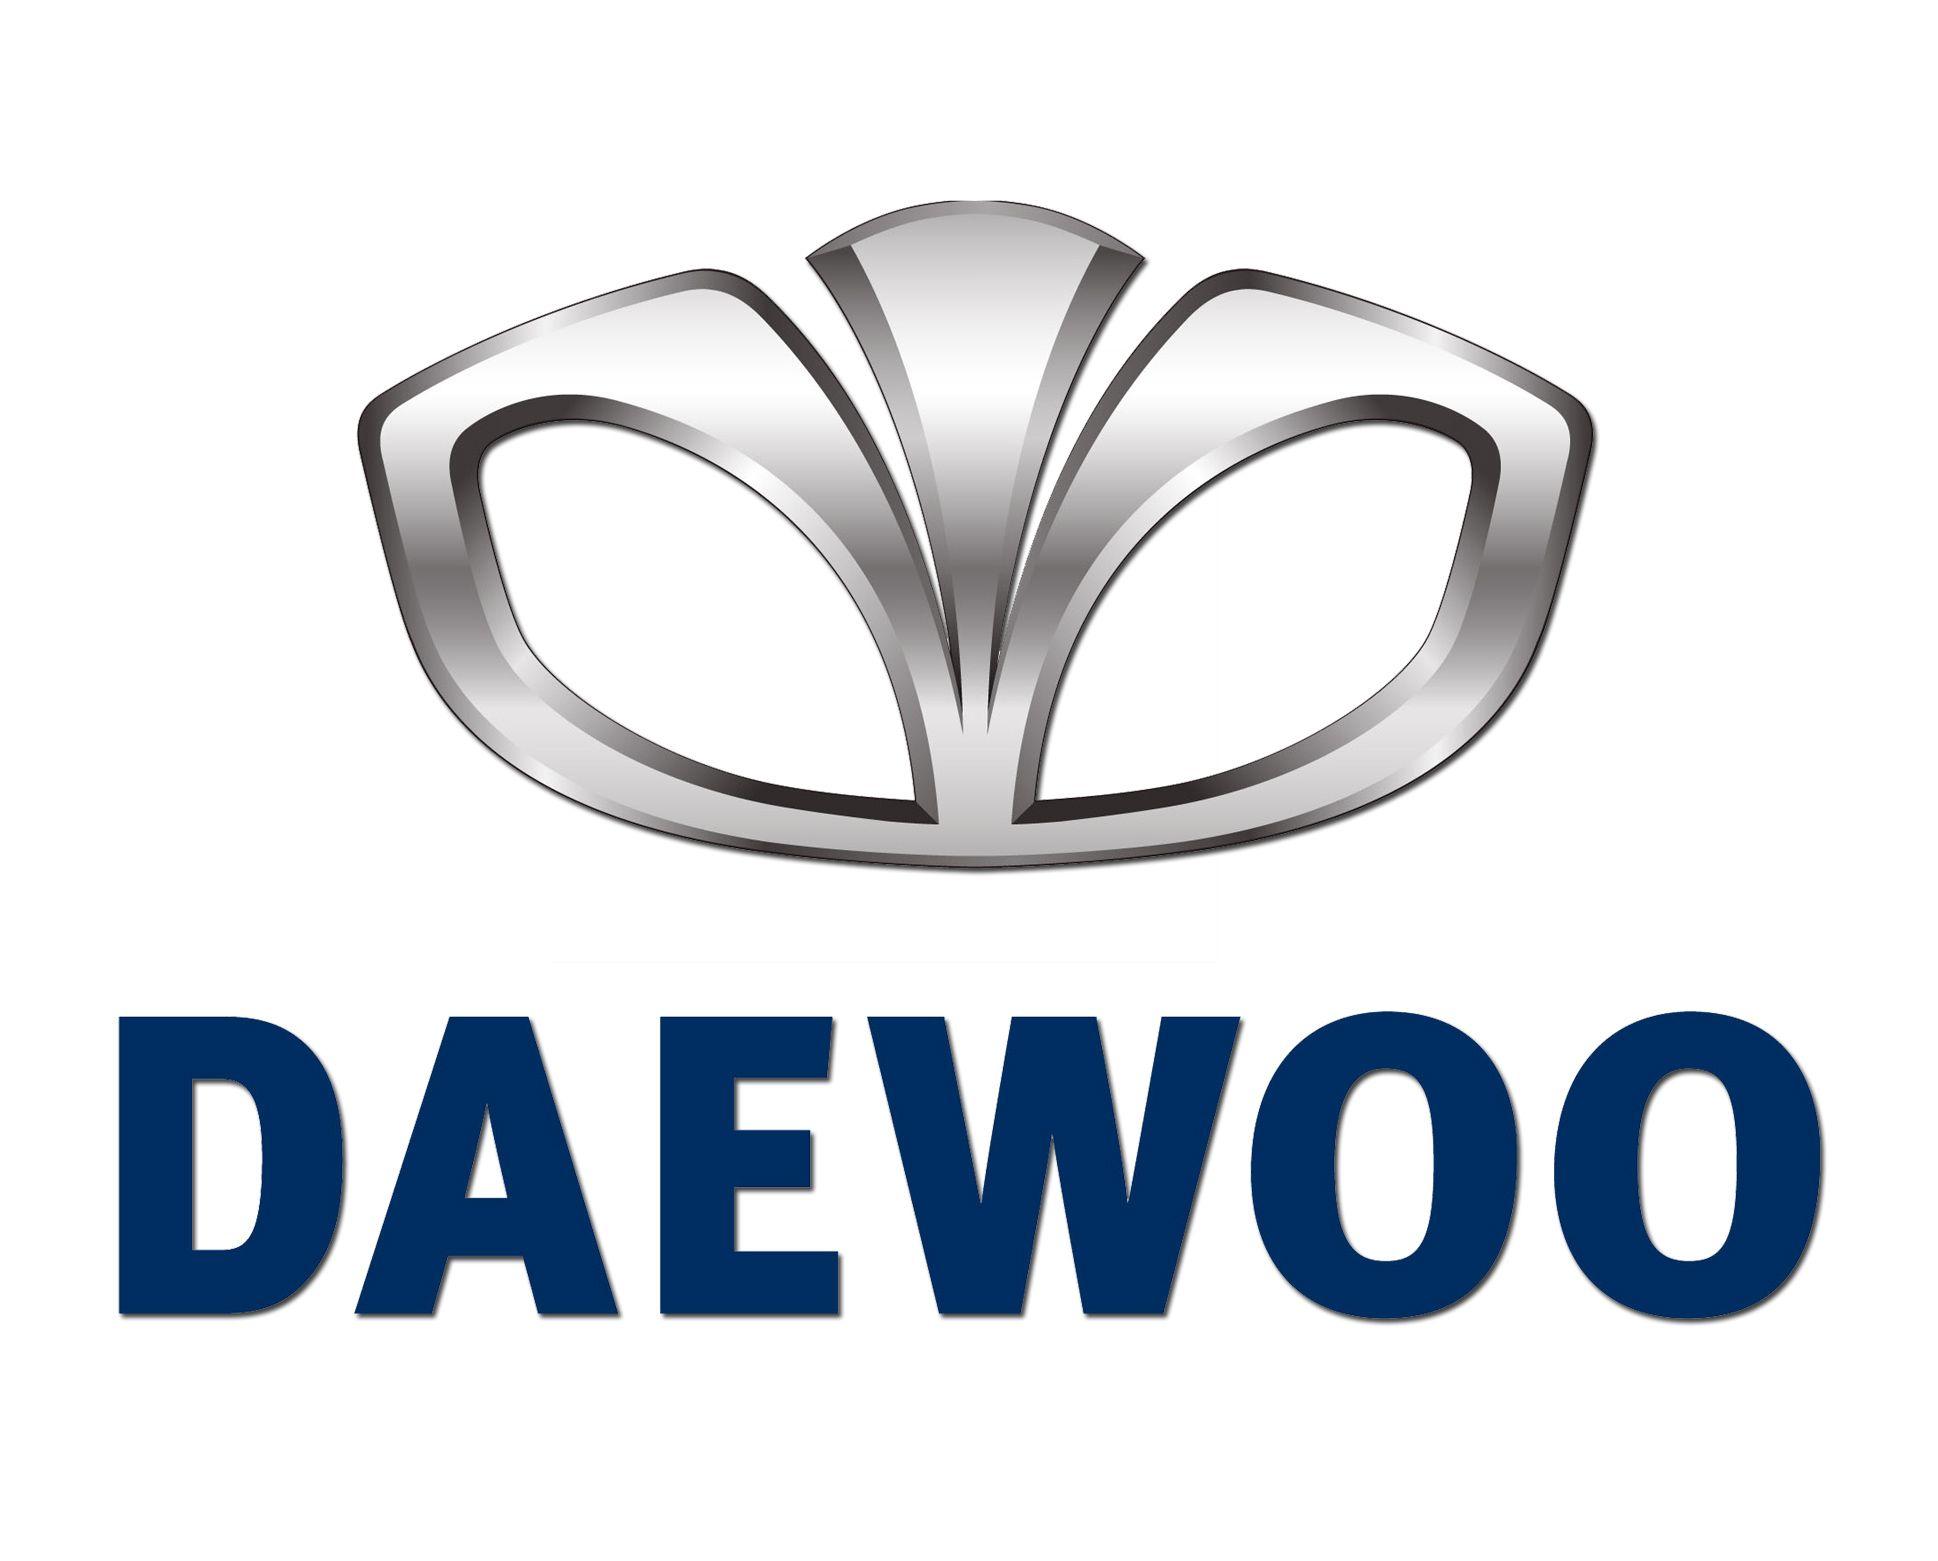 Daewoo-Cars-Logo-Emblem | All Car Logos | Pinterest | Car logos and